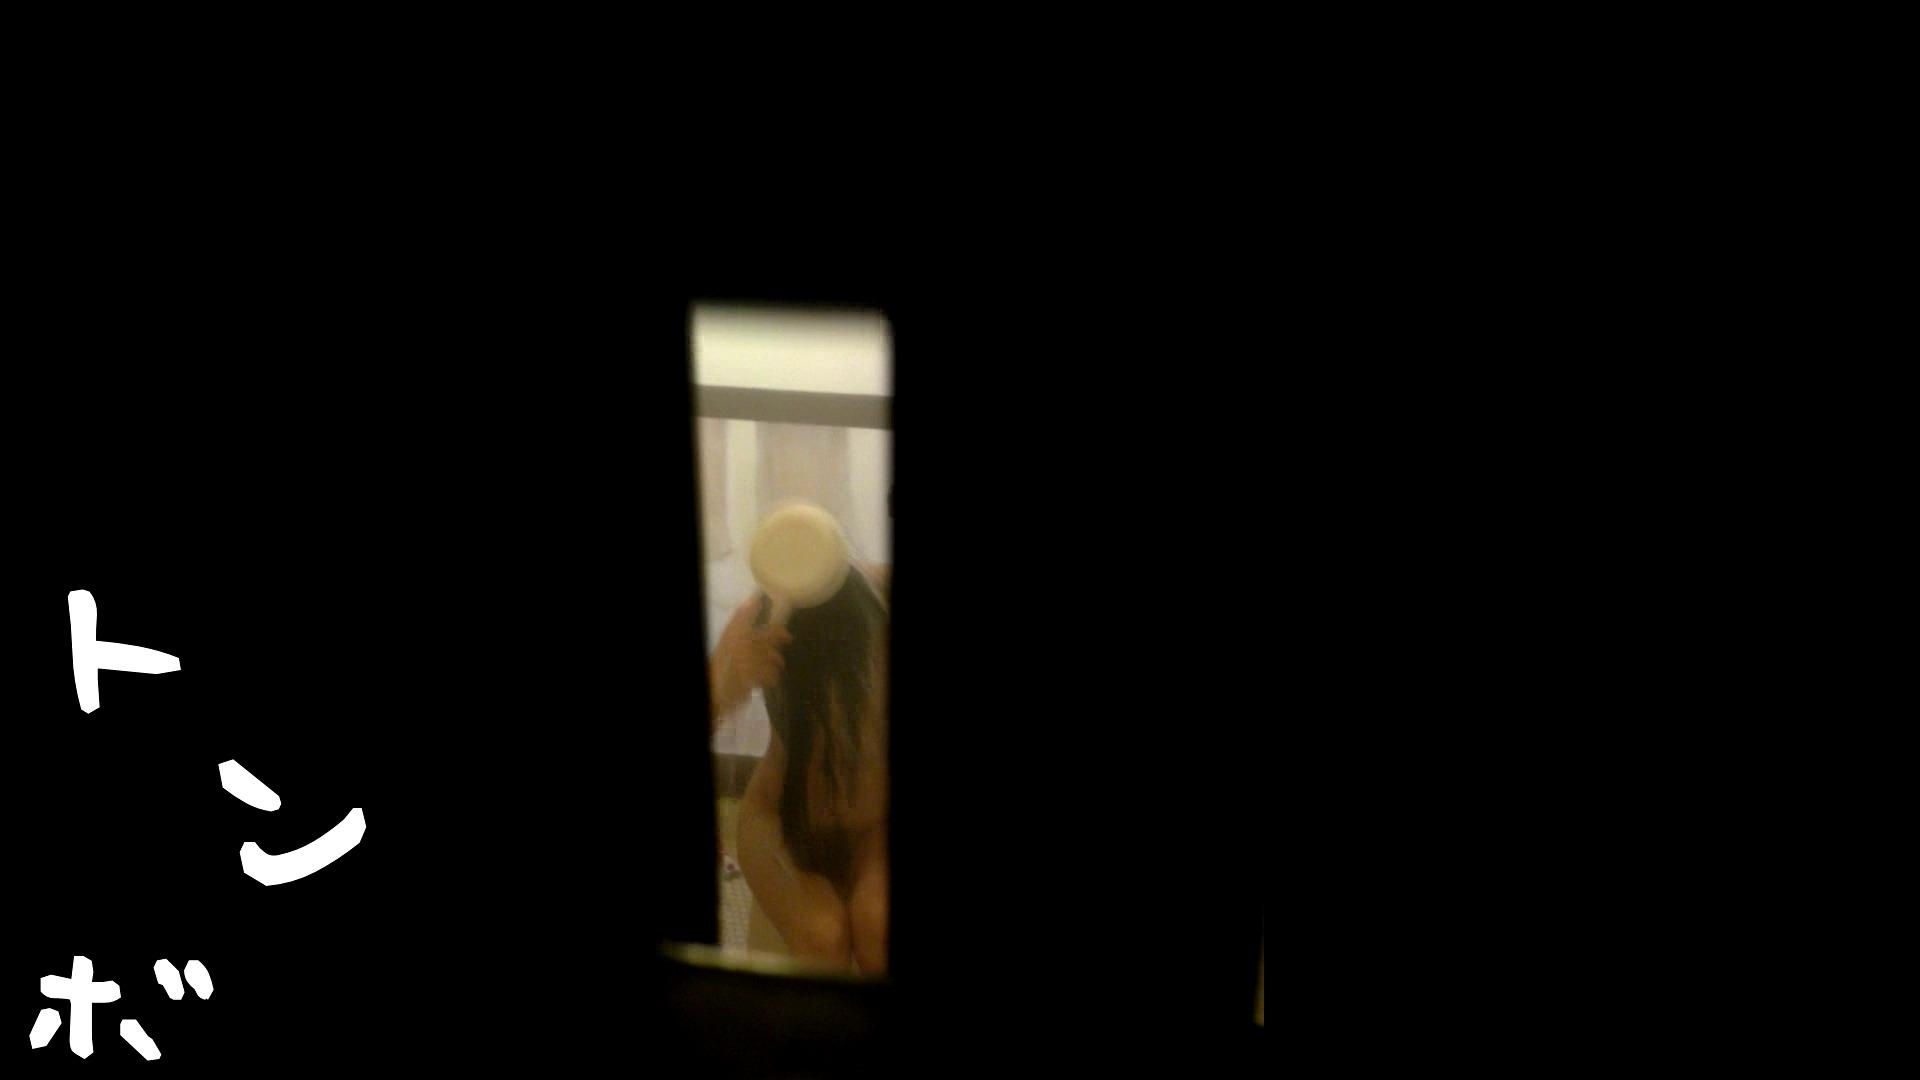 リアル盗撮 中島美嘉現似!美人女子大生のお風呂 女子大生 すけべAV動画紹介 59PIX 17